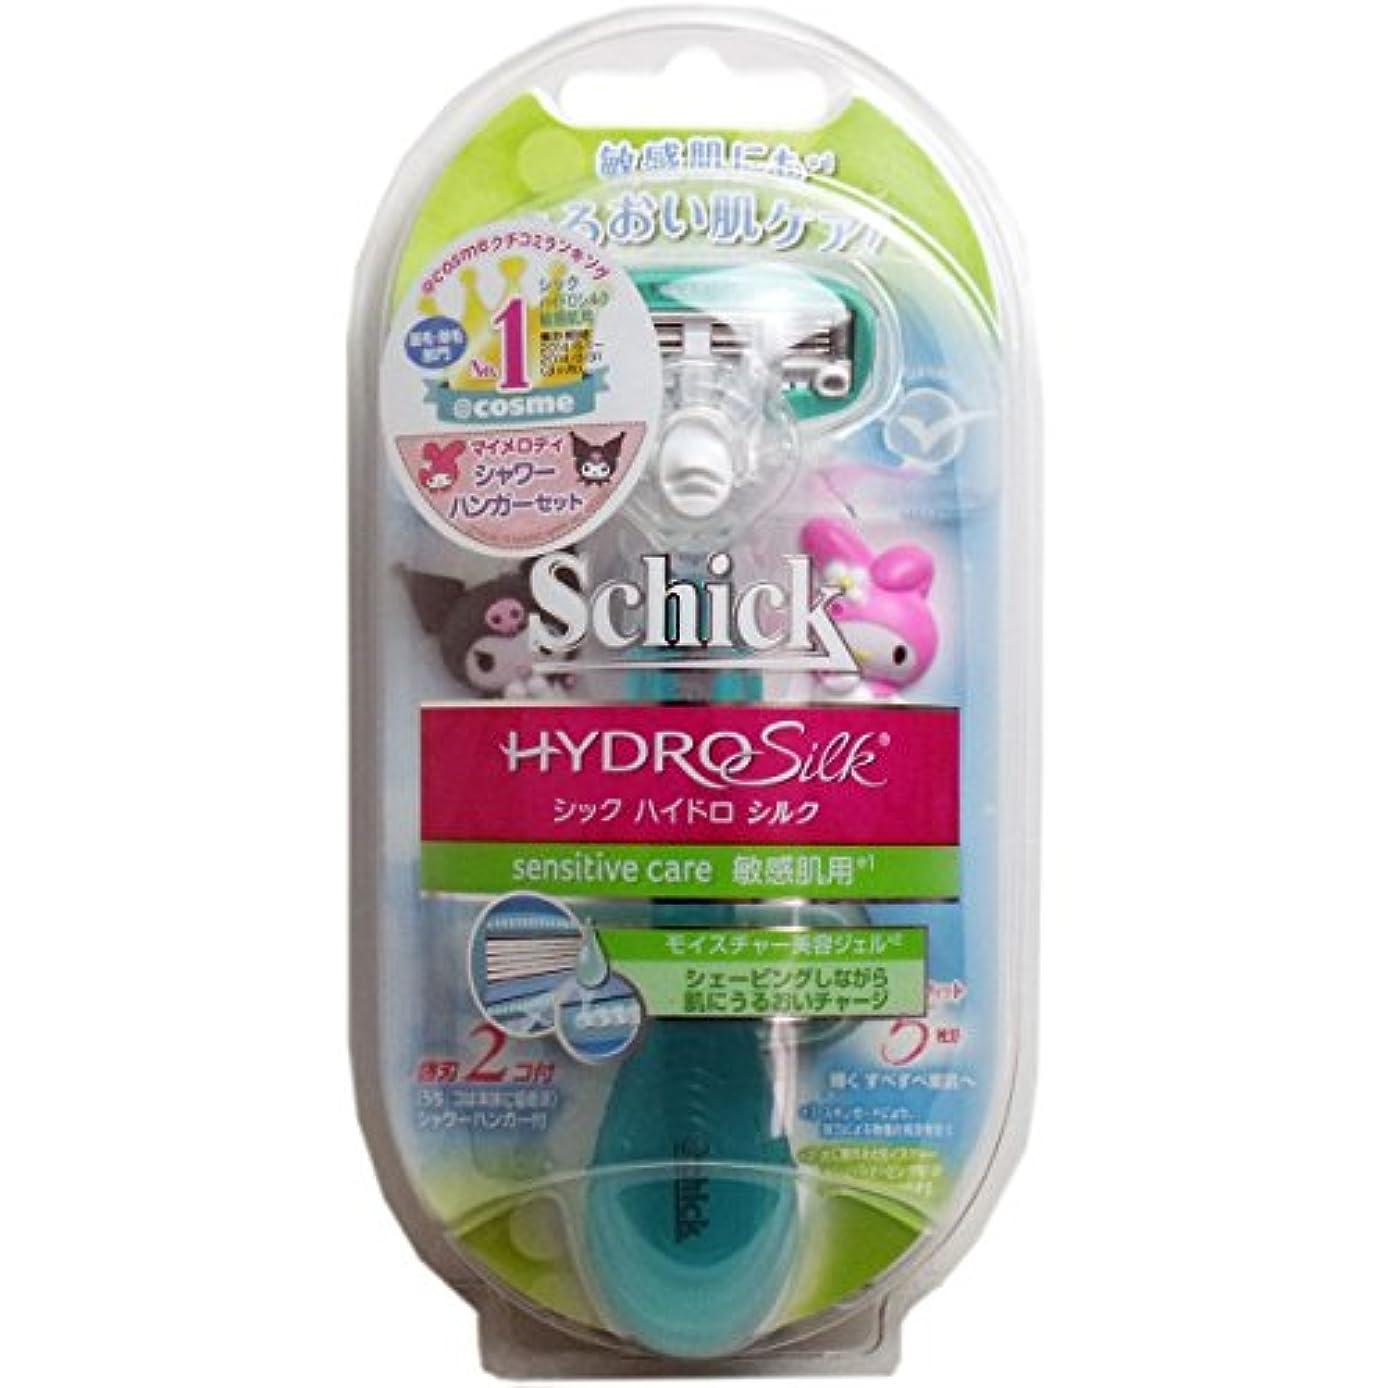 ブレンド味付けジャングルシック ハイドロシルク ホルダー 敏感肌用 替刃2個付×2個セット